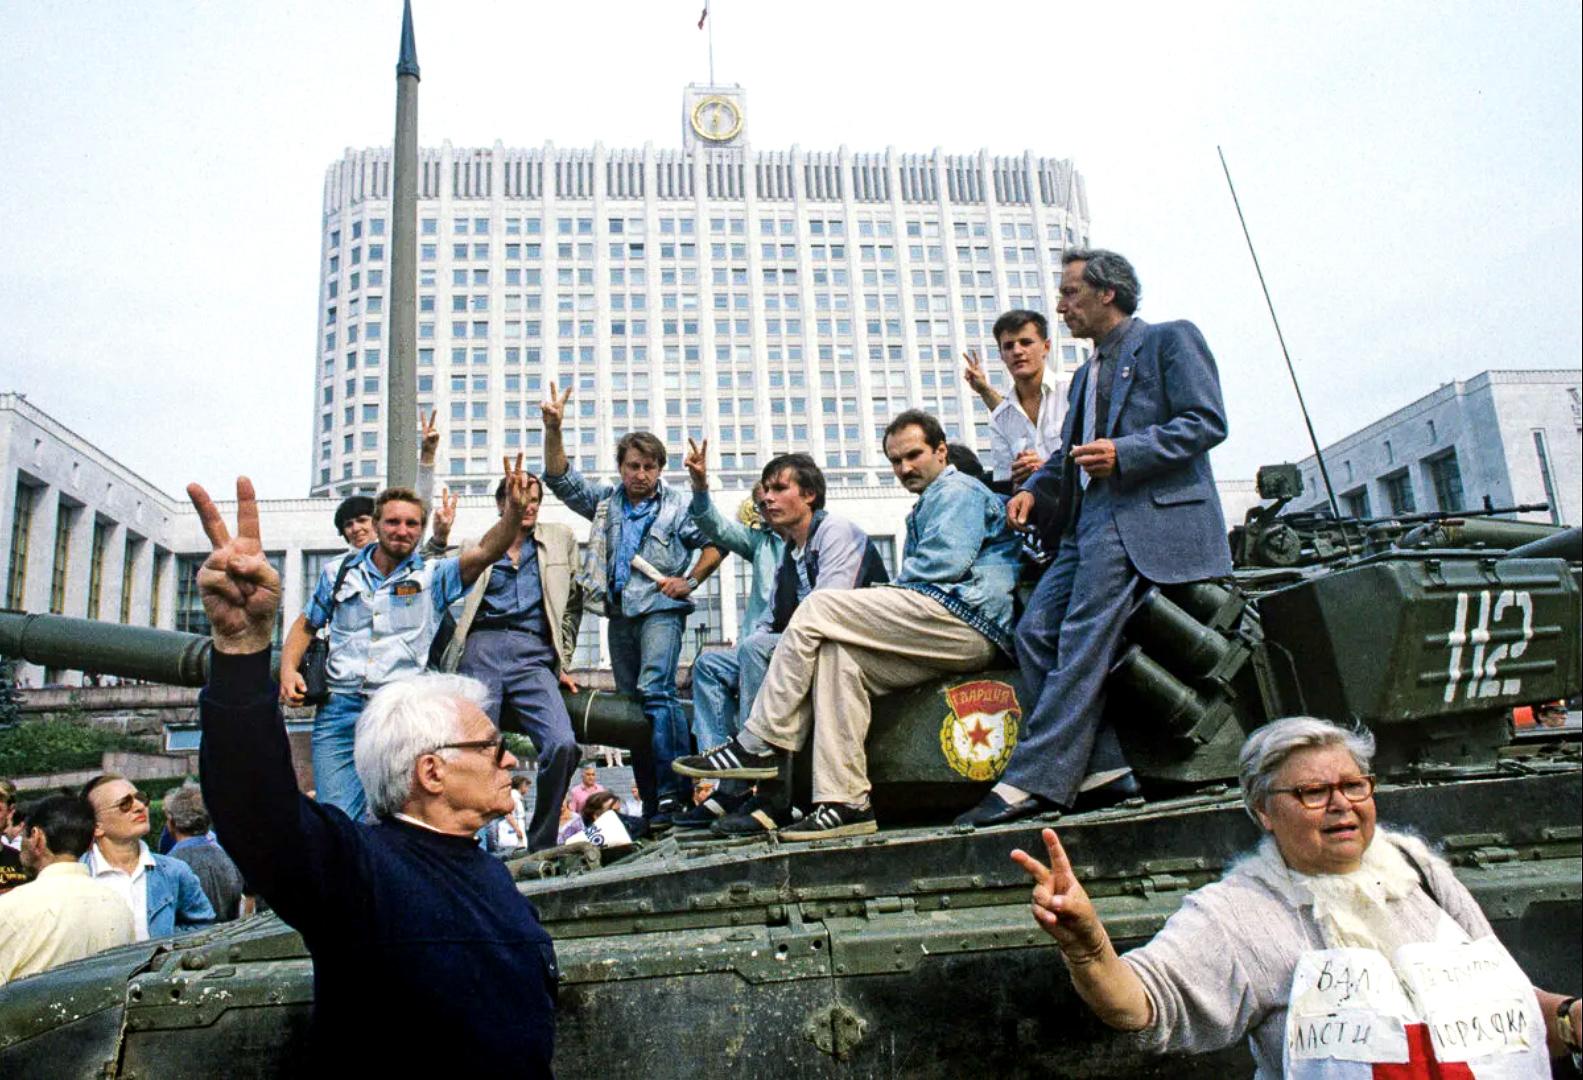 За эйфорией победы над ГКЧП скрывалось непонимание того, что ожидает распадающуюся страну, приговорённую к смерти, в самом ближайшем будущем